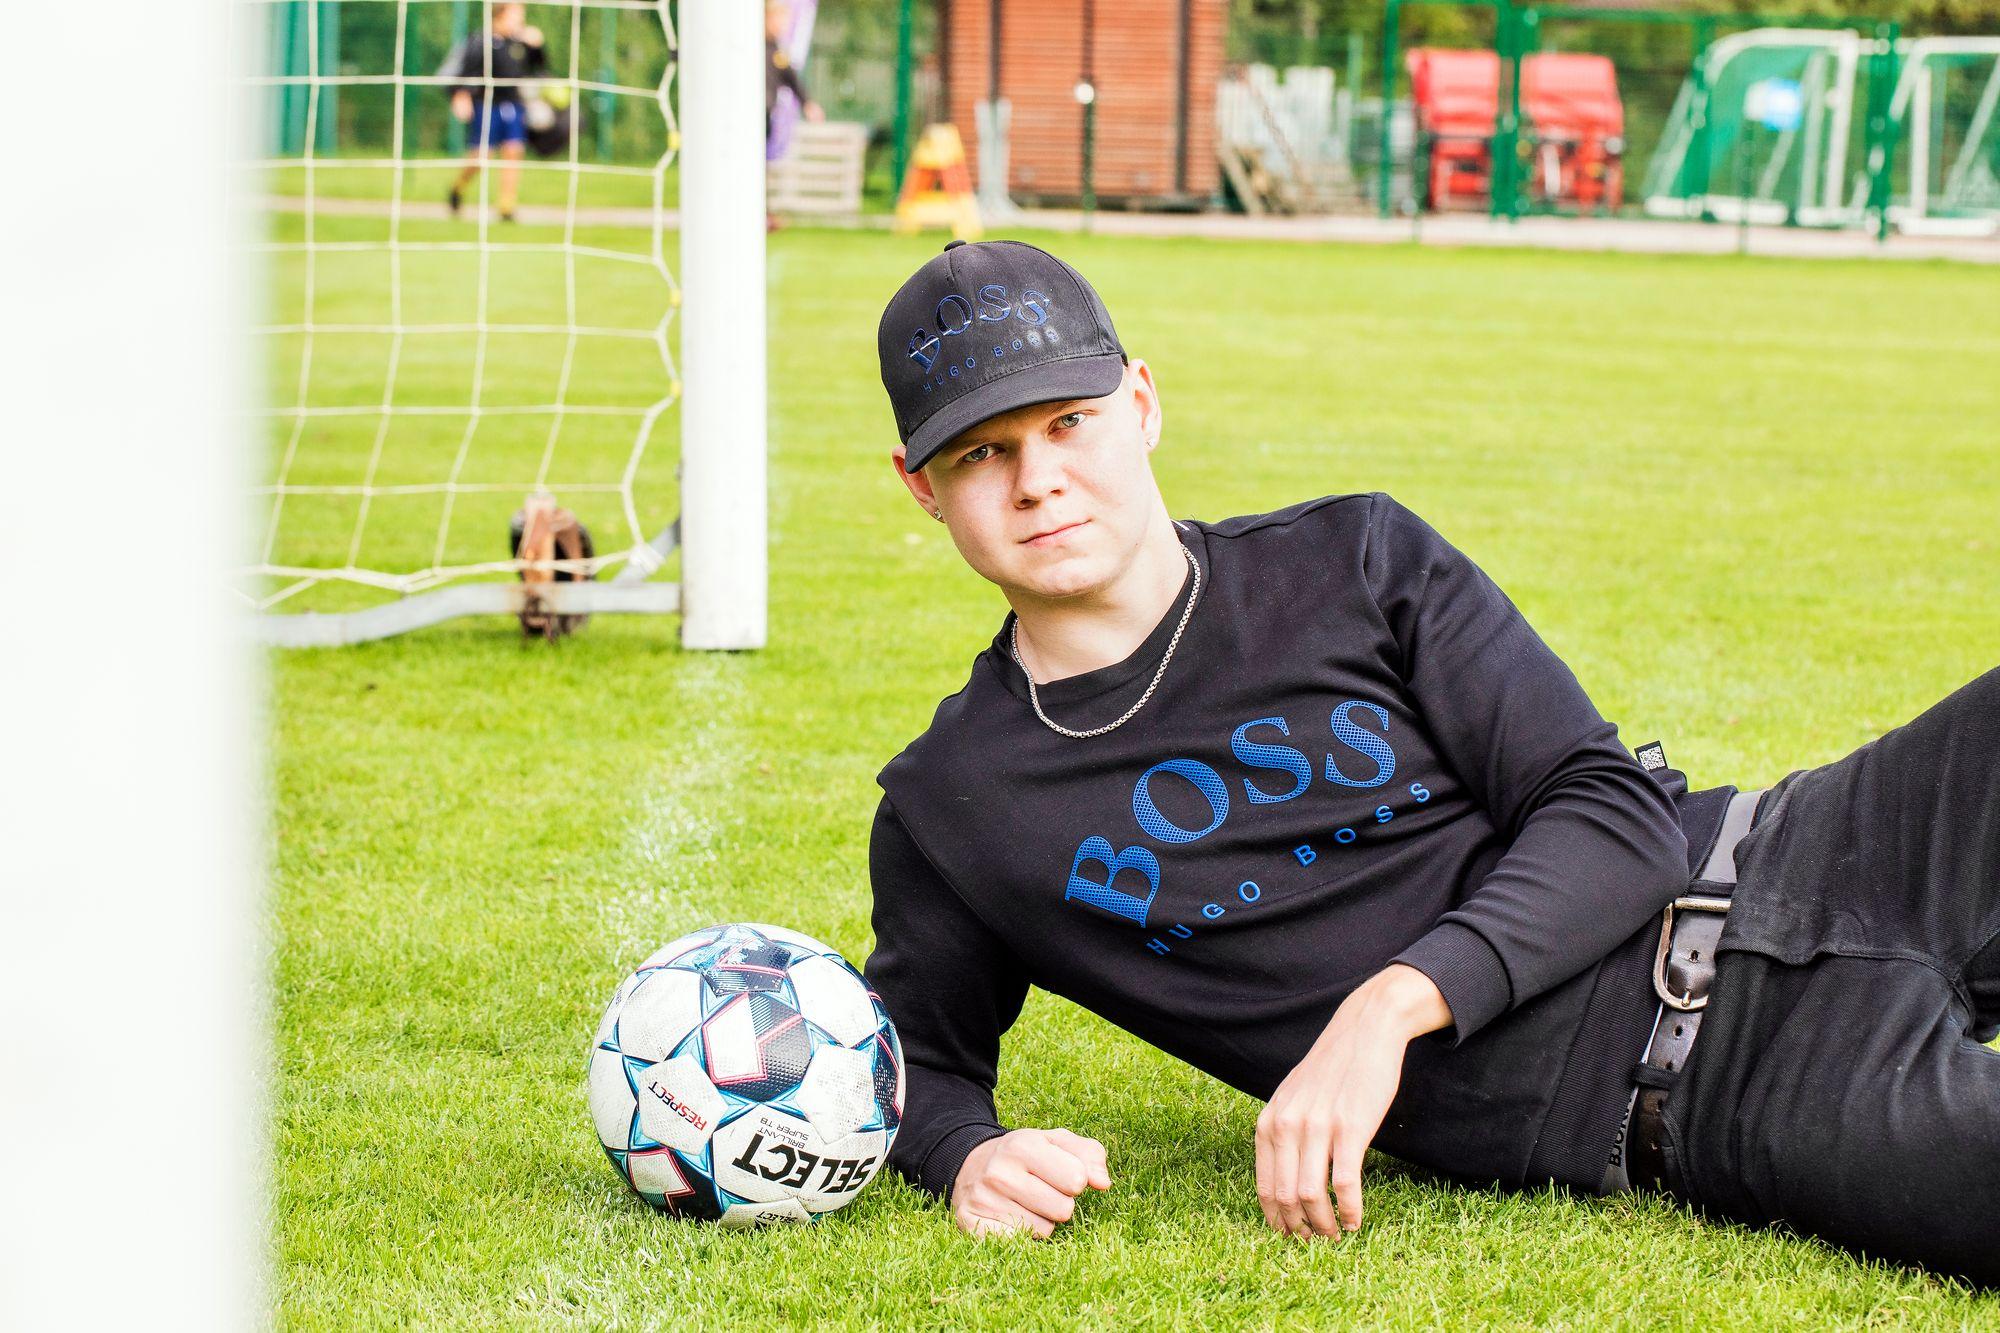 Lukas Kuivalainen täyttää syksyllä 18 vuotta ja lopettaa pian pelit Iceheartsissa. Hän haluaisi kuitenkin löytää joukkueen, jossa jatkaa pelaamista. © Jonne Räsänen